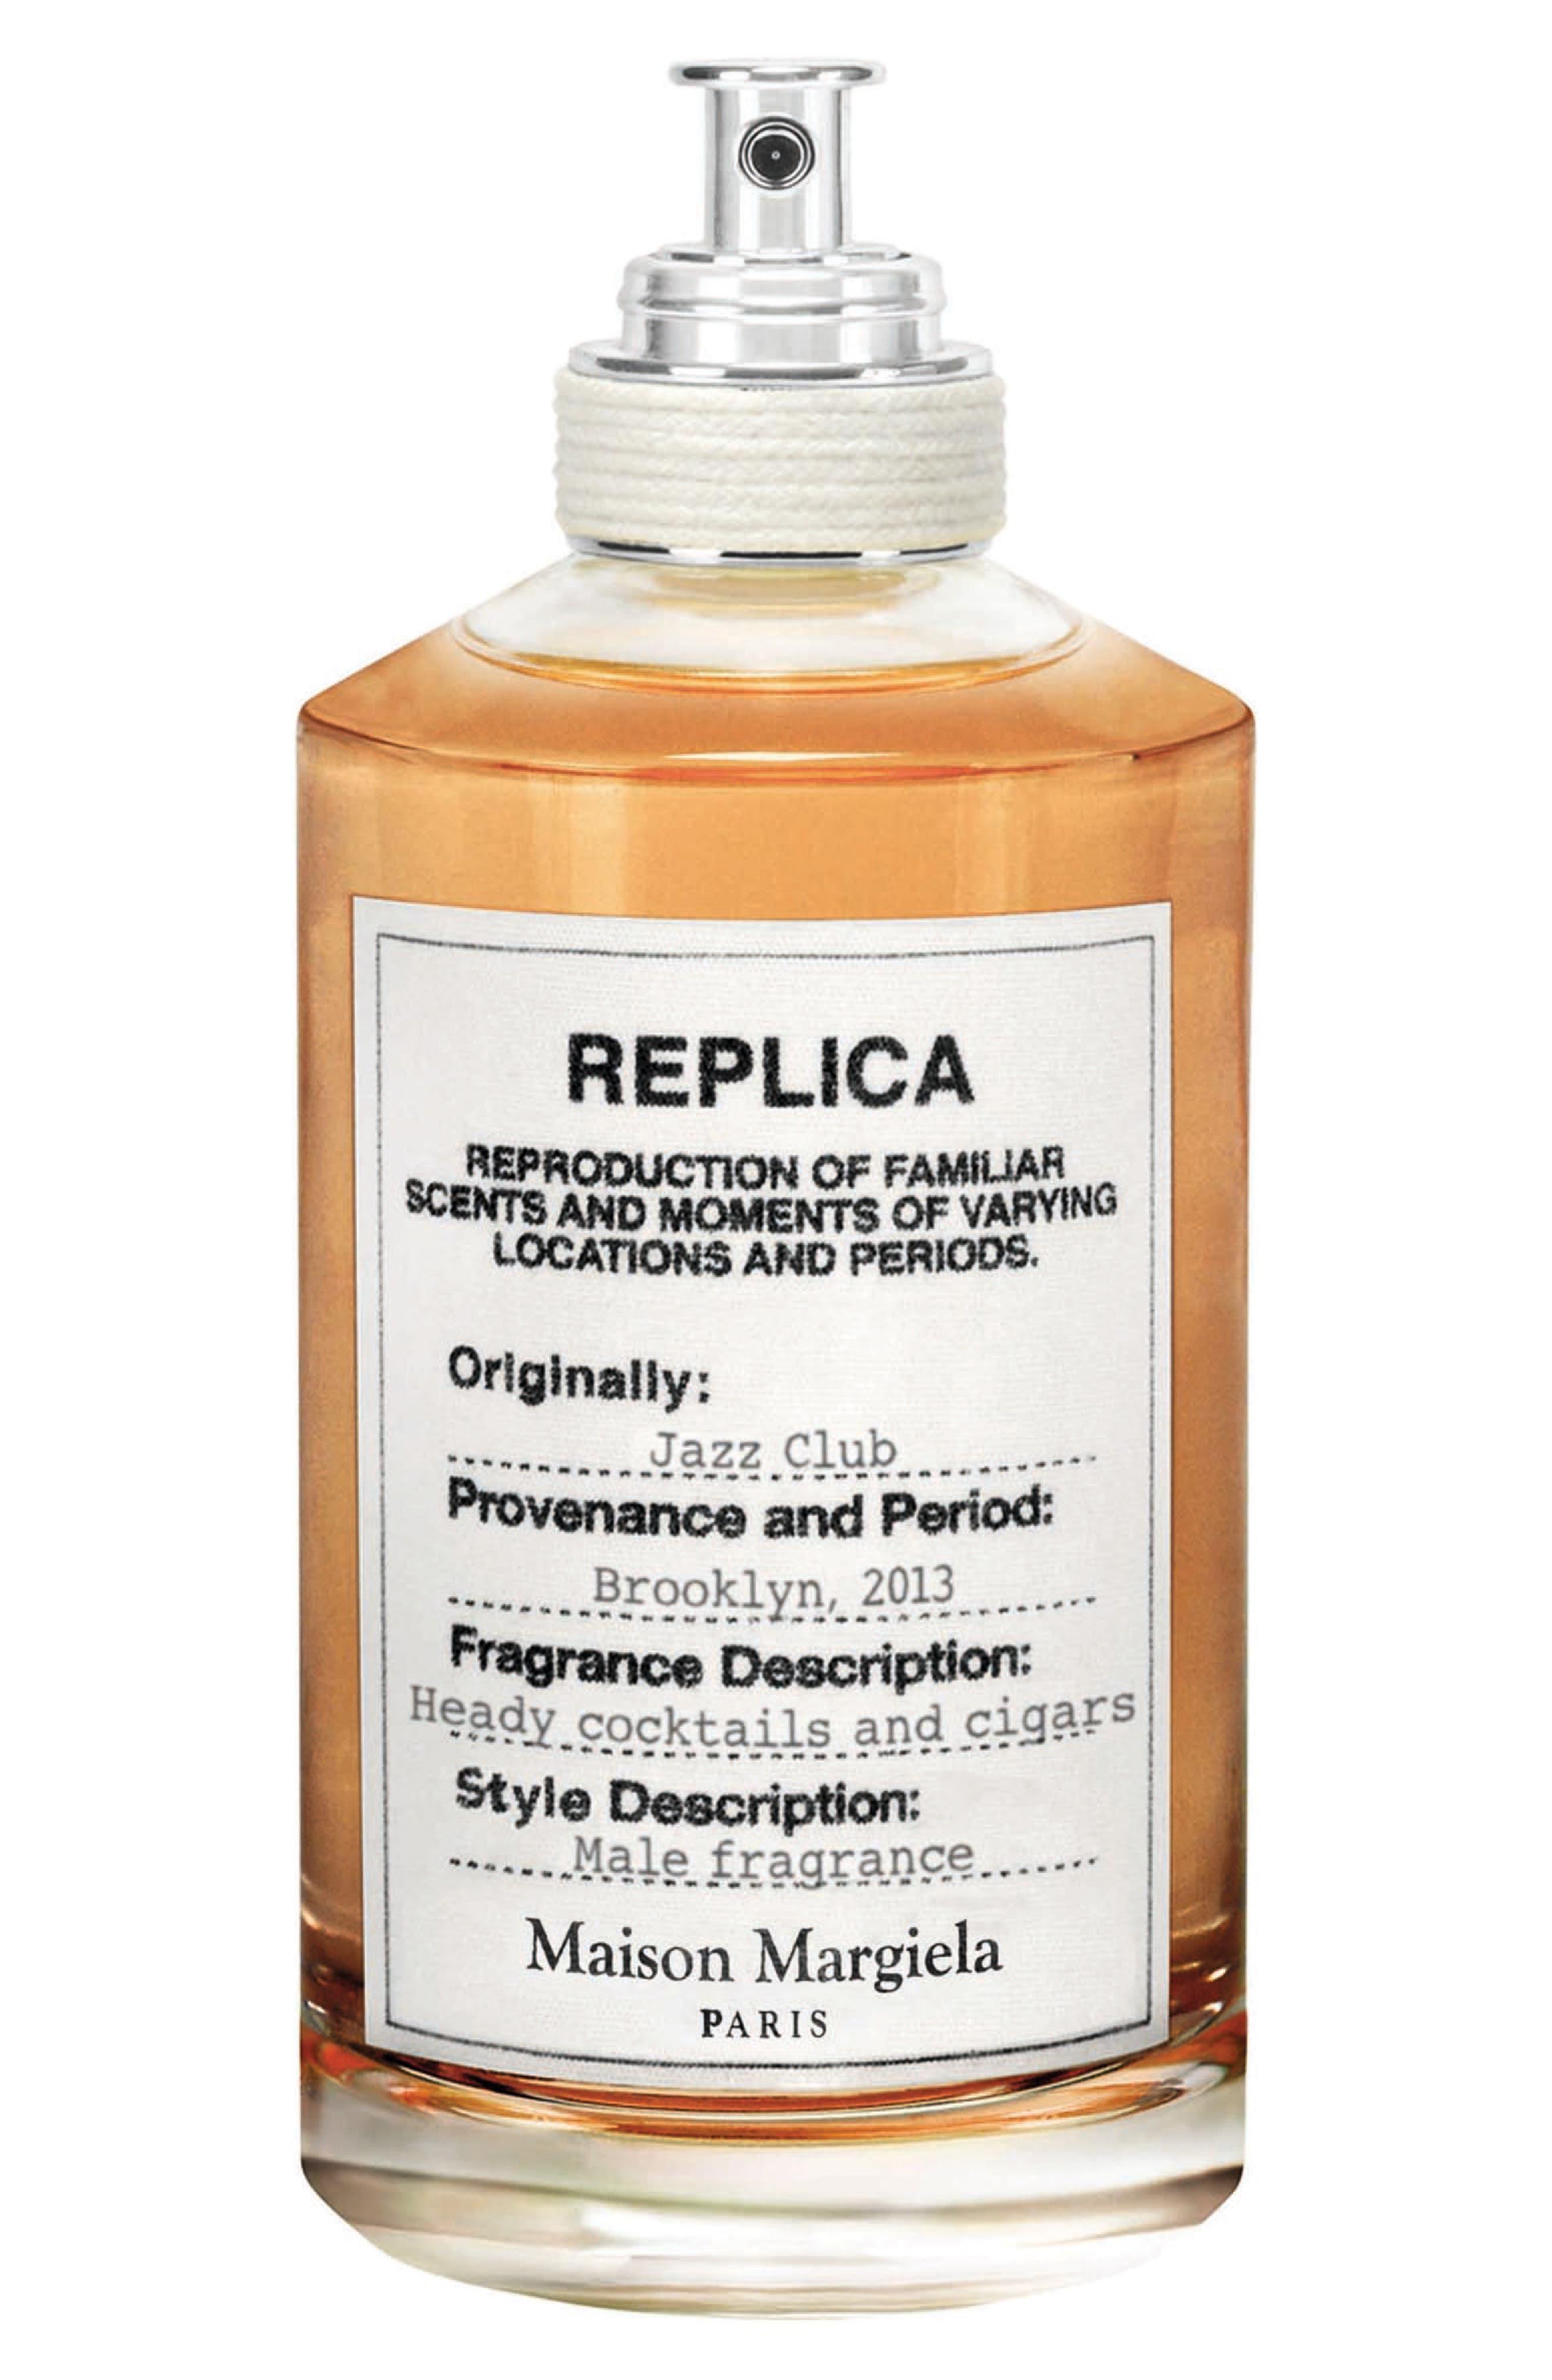 Maison Margiela Replica Jazz Club Fragrance